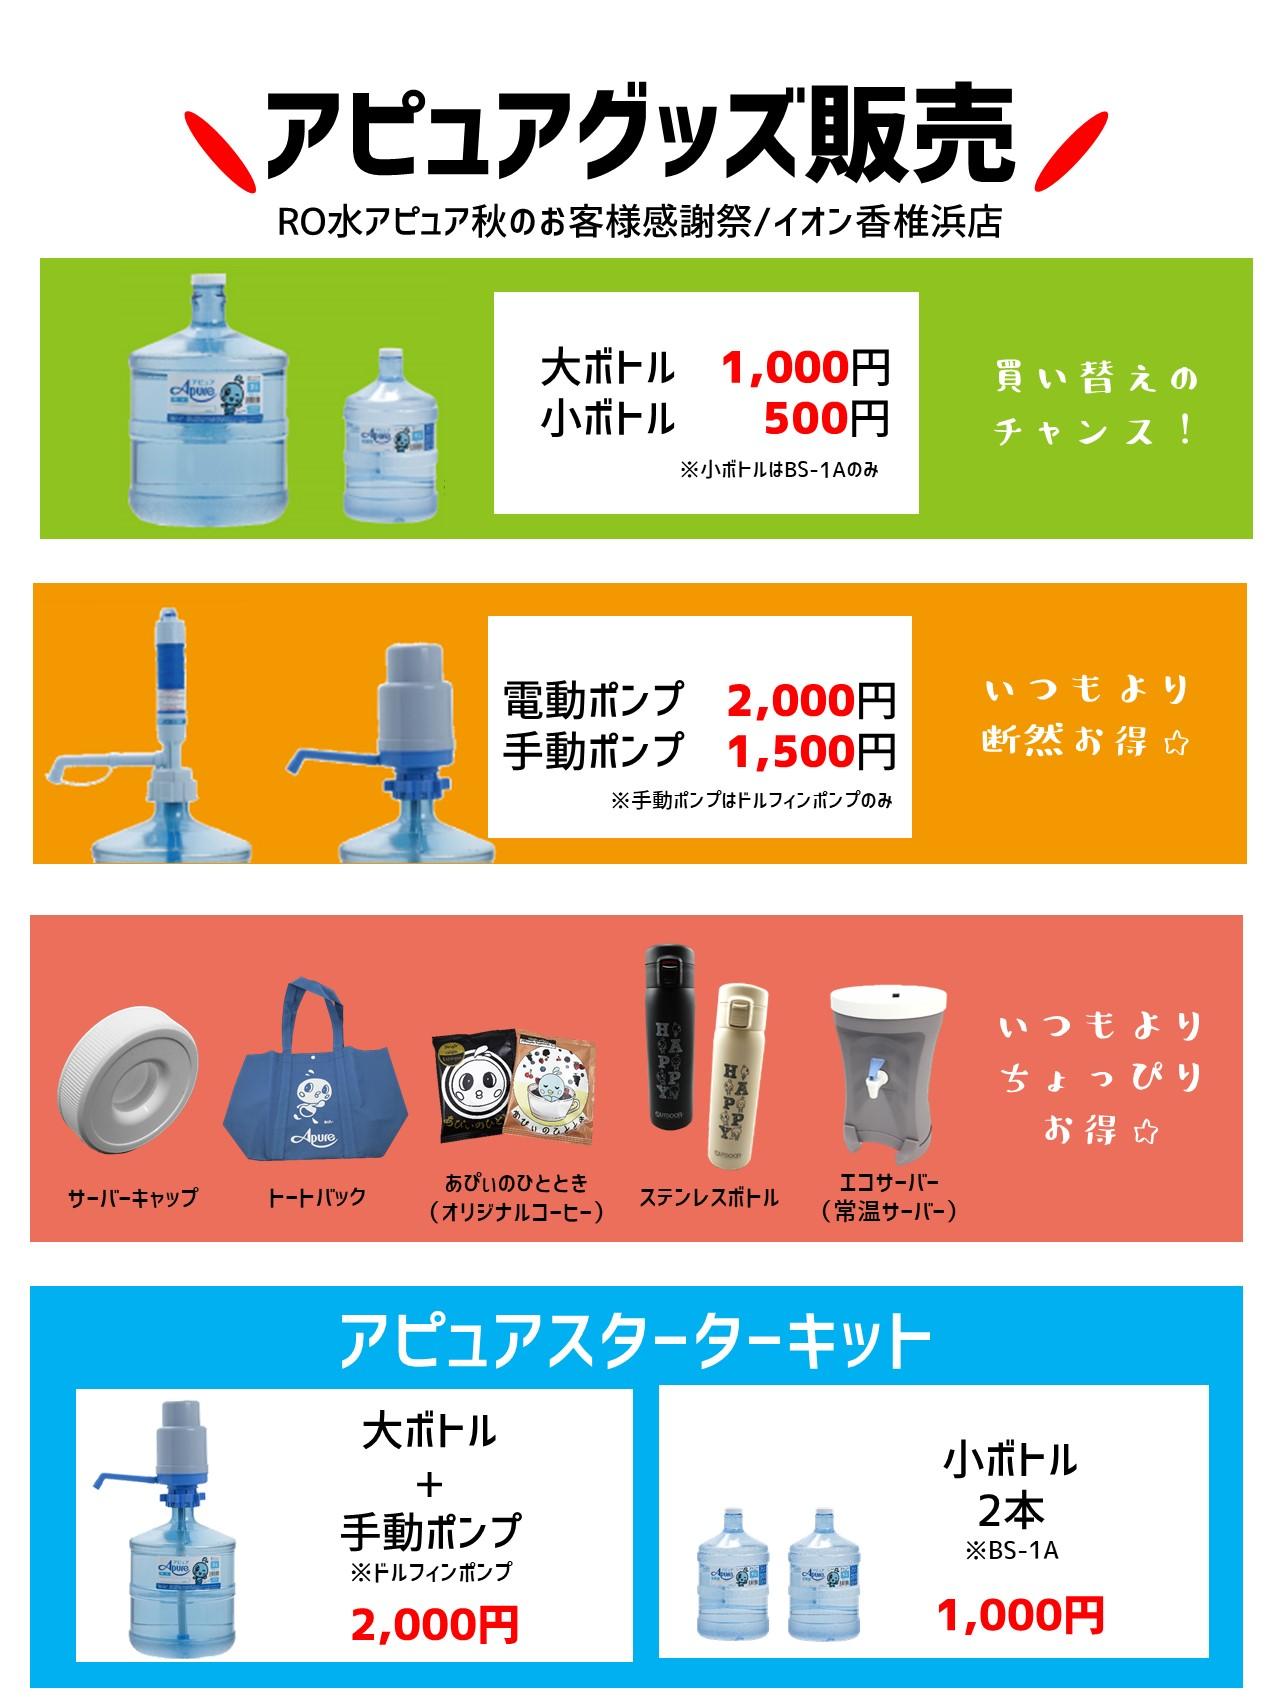 催事-アピュアクラブ画像作成-販売物リスト